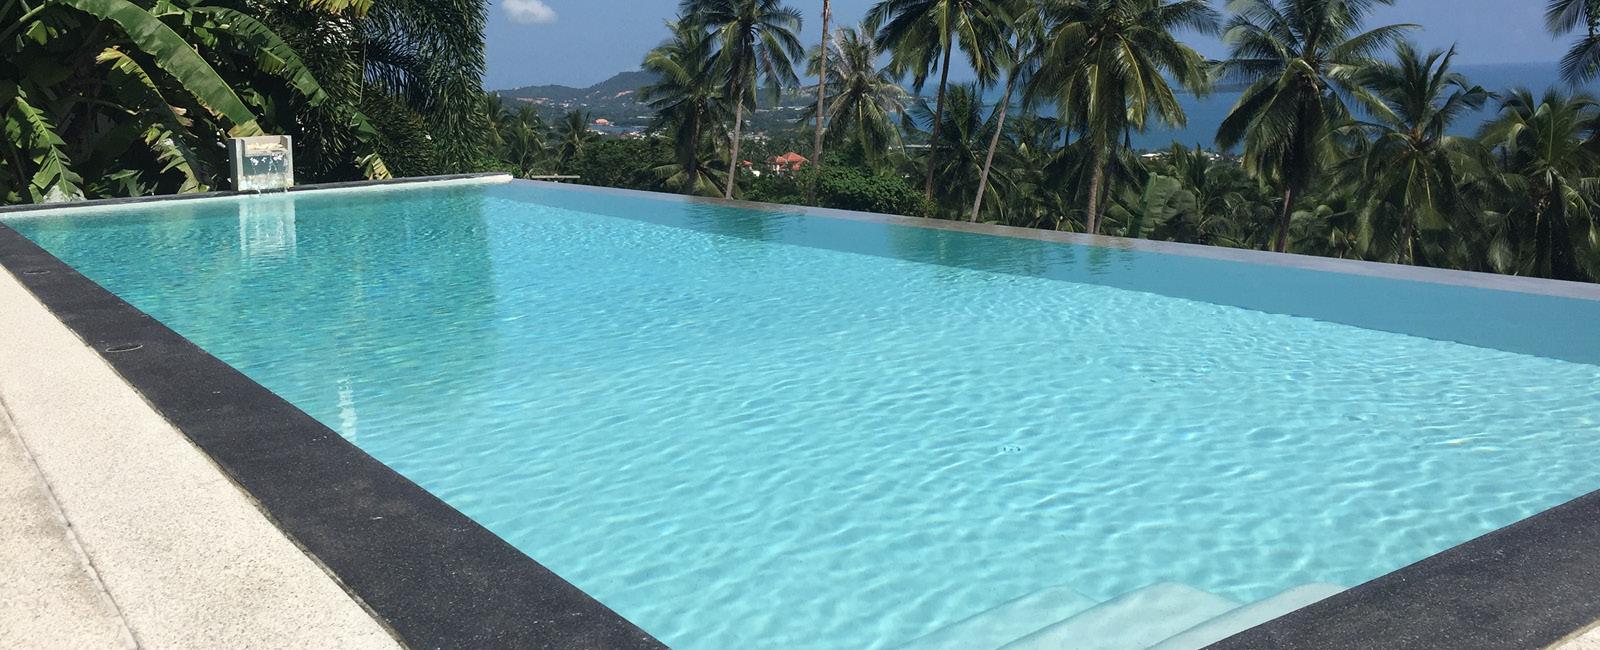 Paradise Pool Interiors Sliders 10